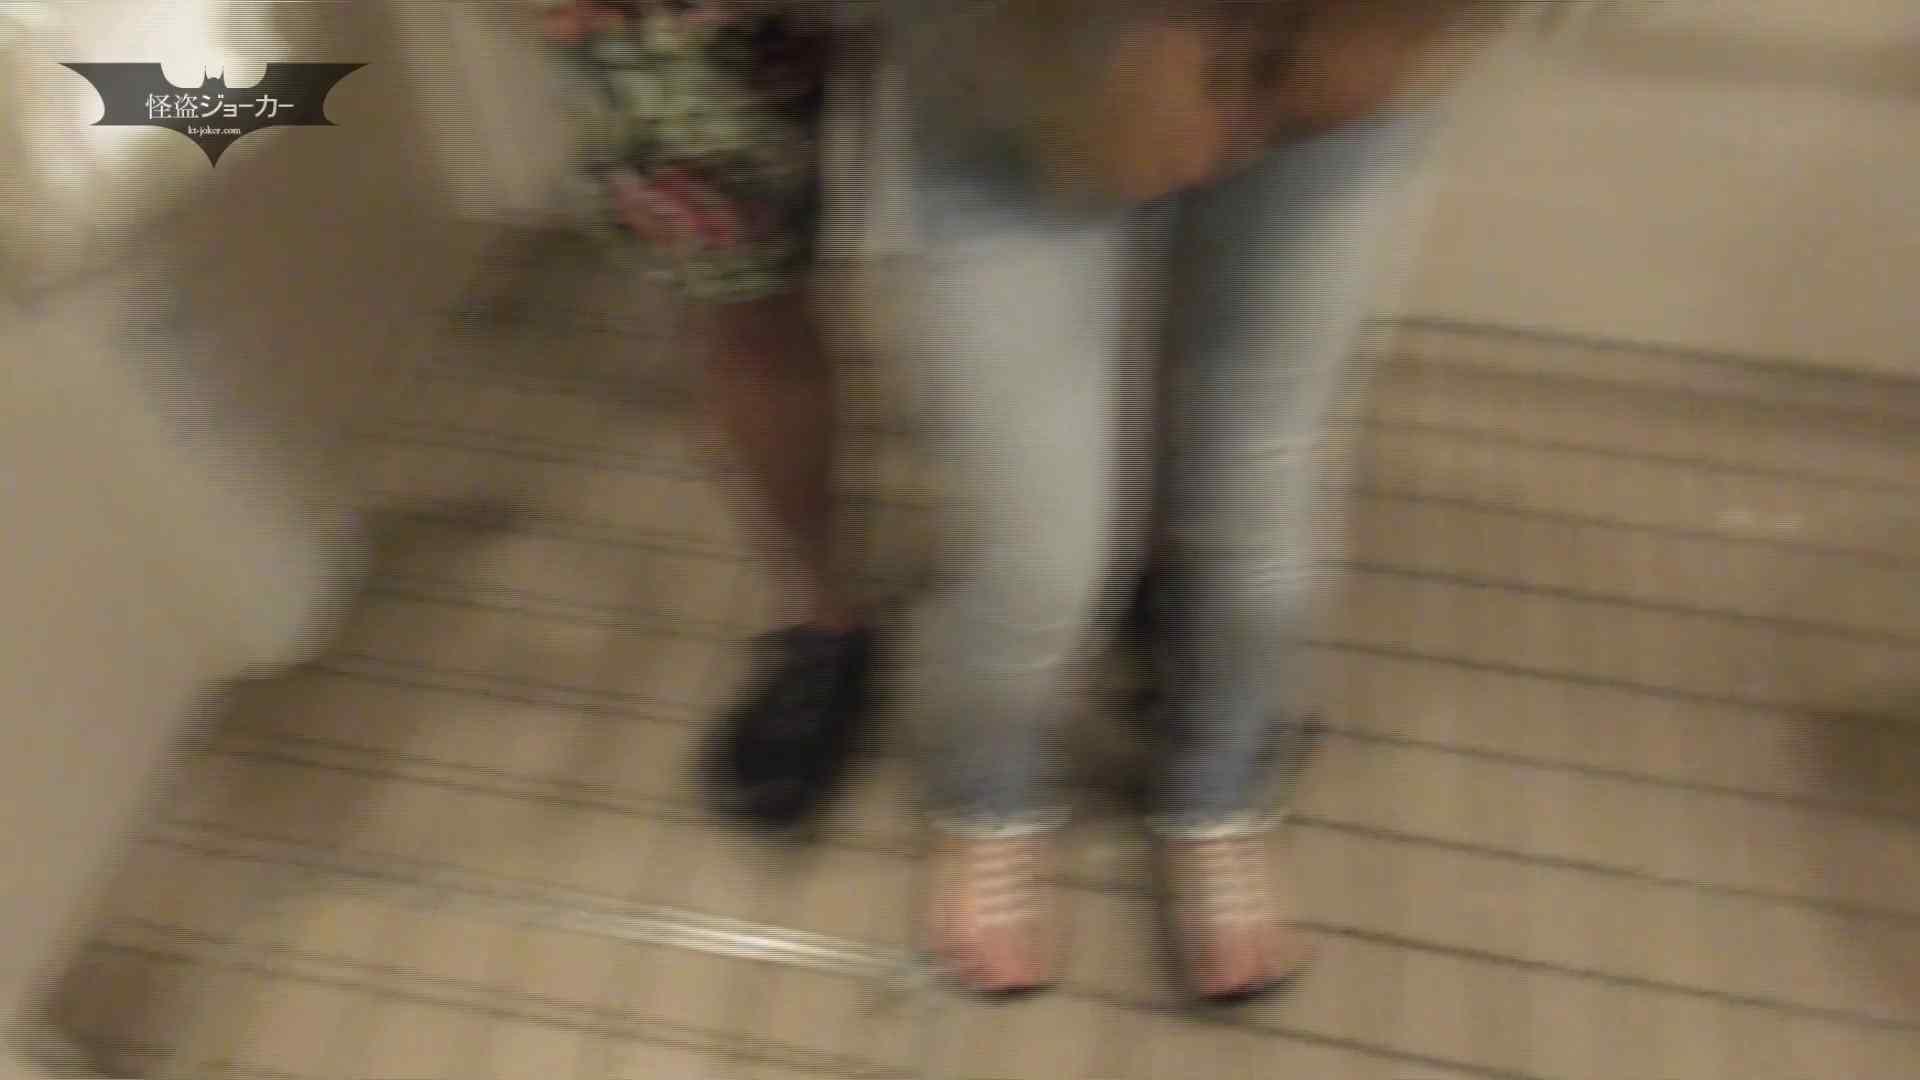 ヒトニアラヅNo.10 雪の様な白い肌 桃色乳首 オマンコ無修正動画無料 108画像 63